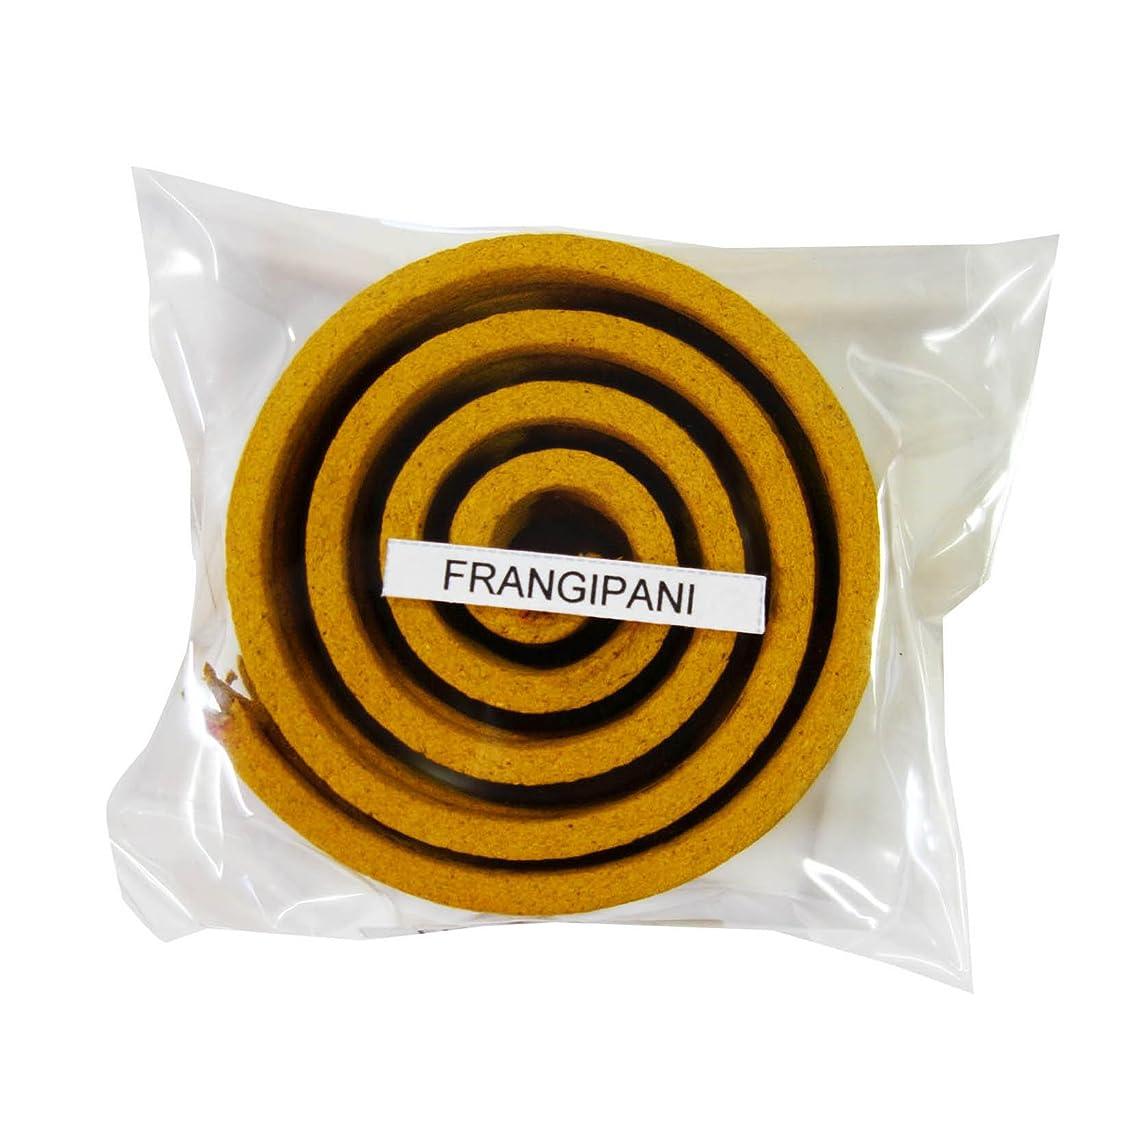 老朽化した先例パターンお香/うずまき香 FRANGIPANI フランジパニ 直径6.5cm×5巻セット [並行輸入品]